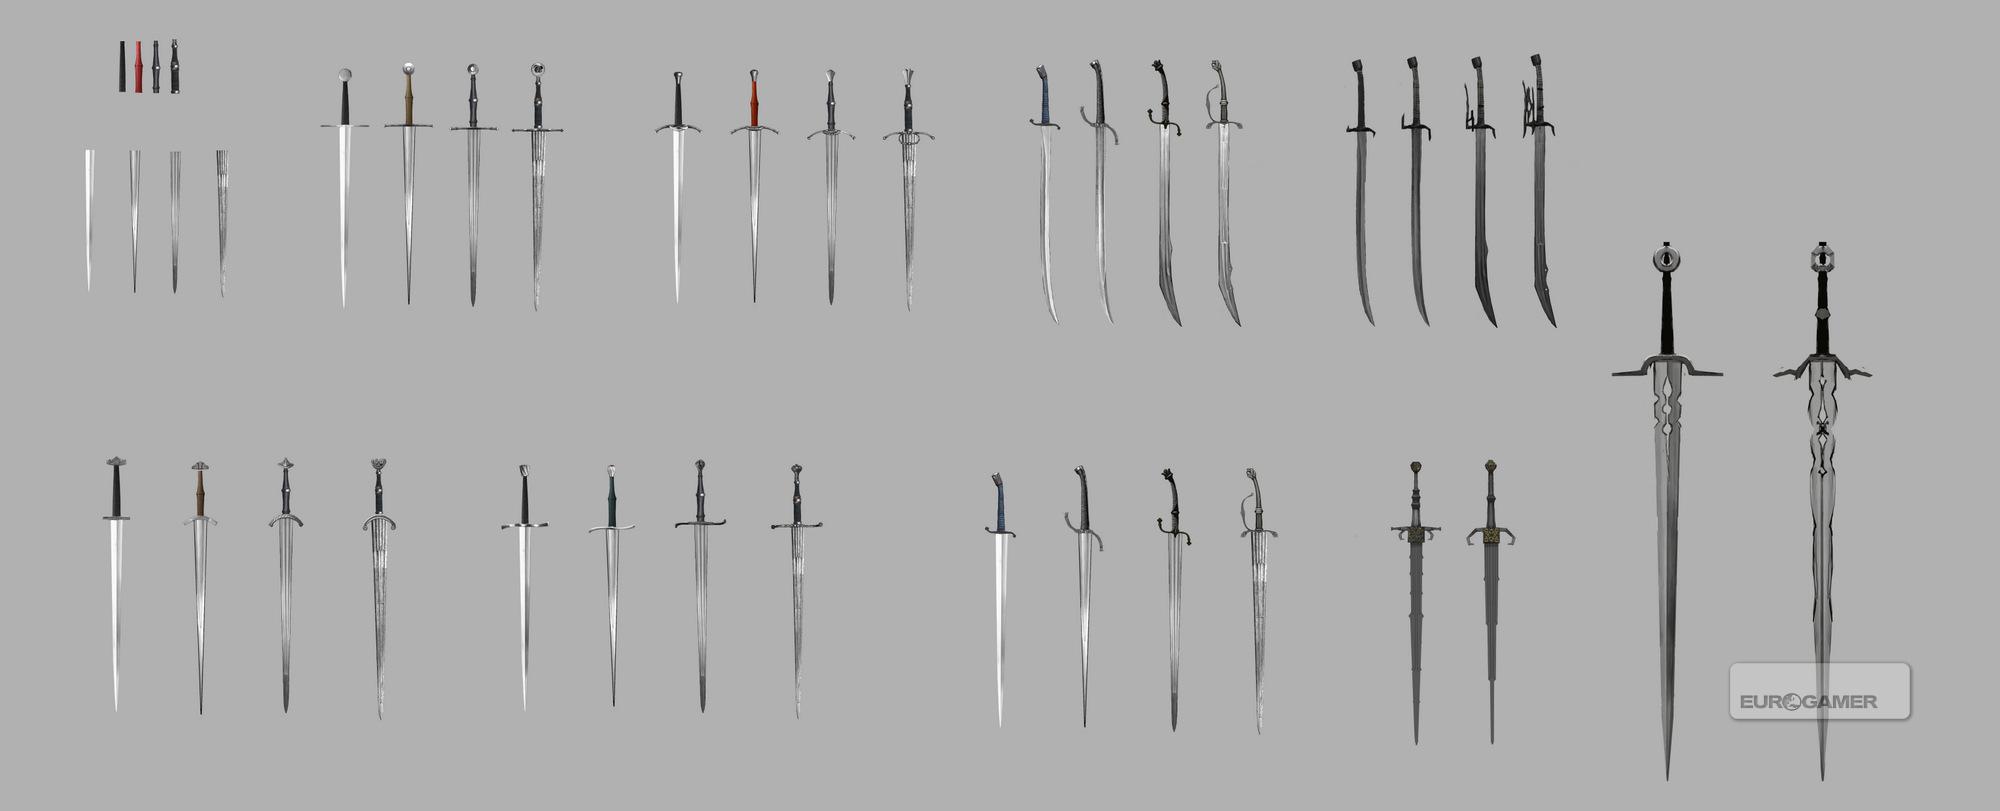 pre_1444656704__4_steel_swordsjpg.jpg